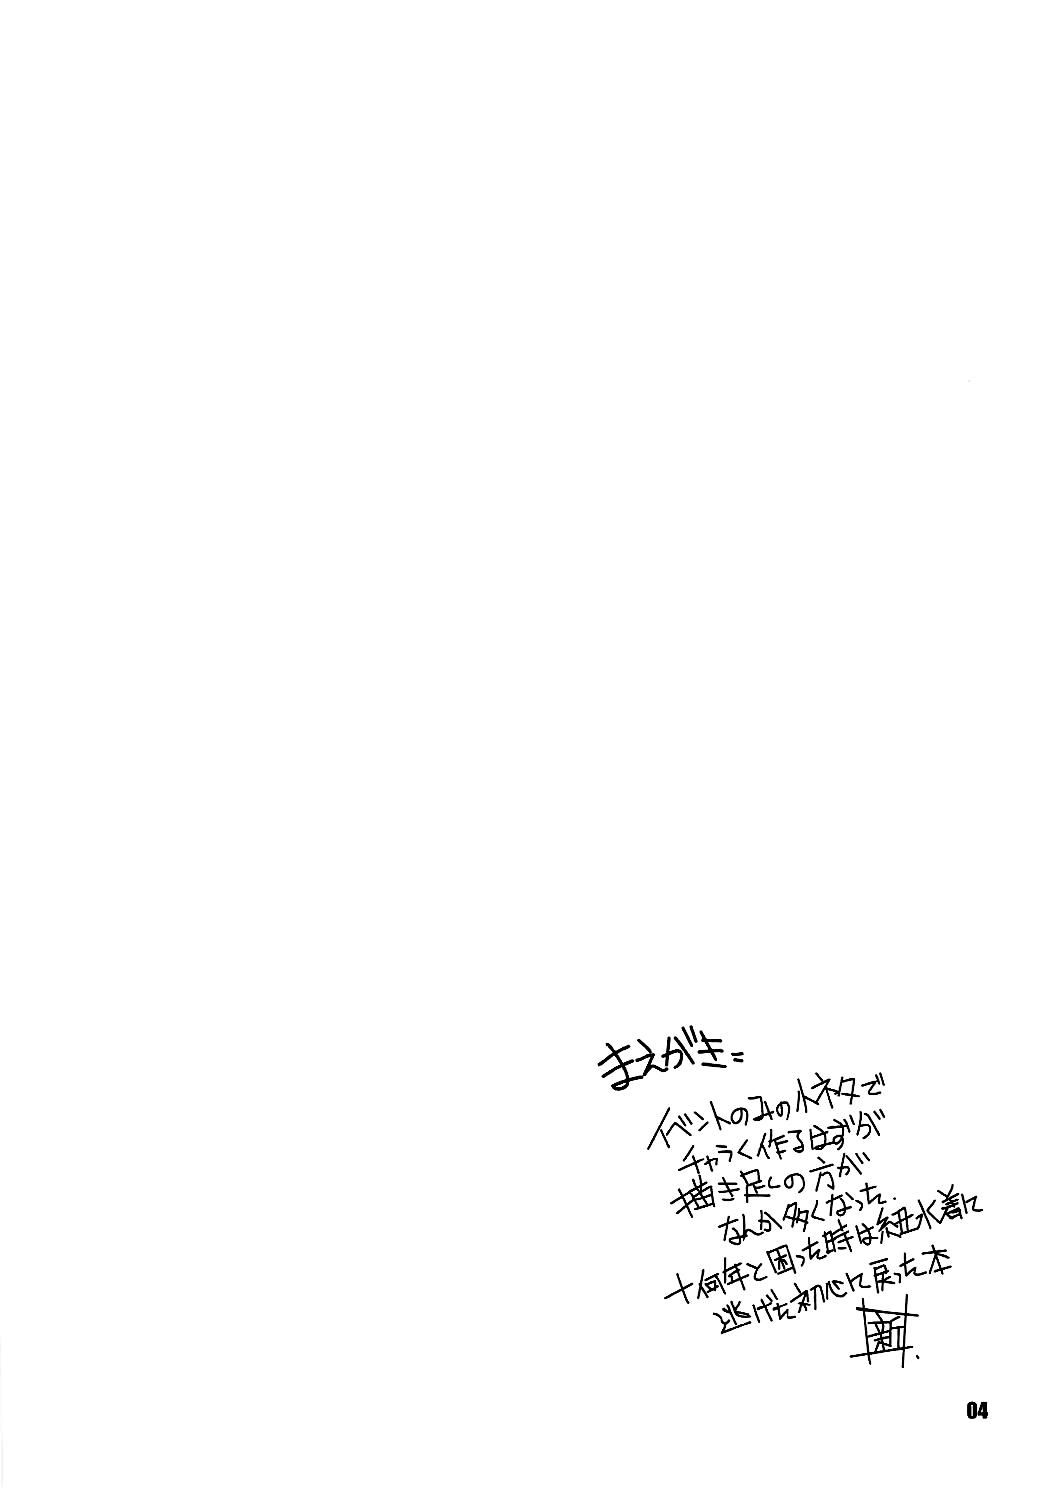 Shimapan EX 2